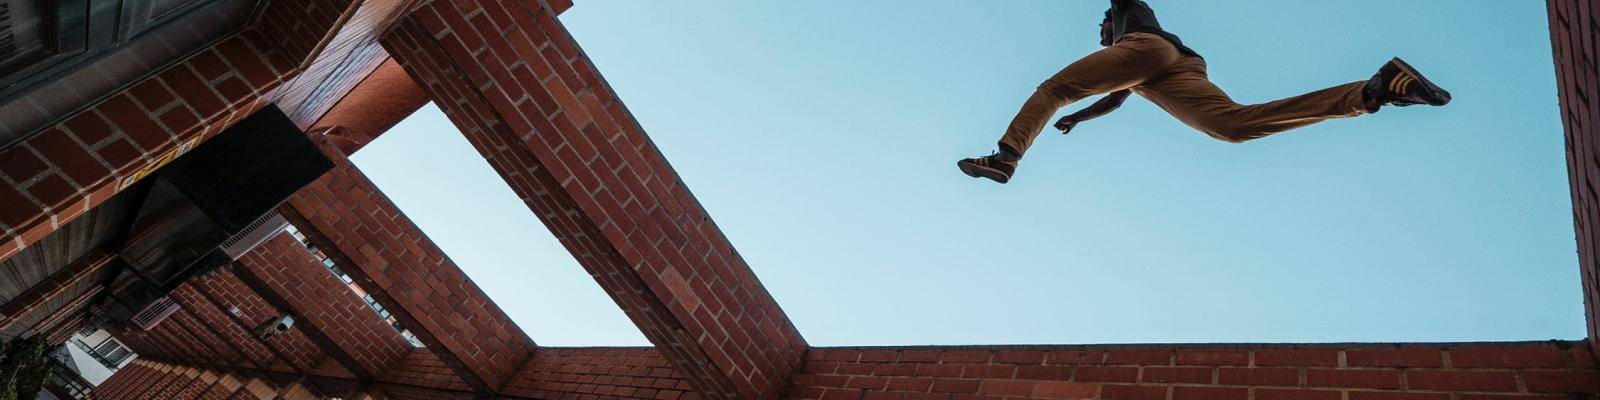 Persoon springt over gebouwen